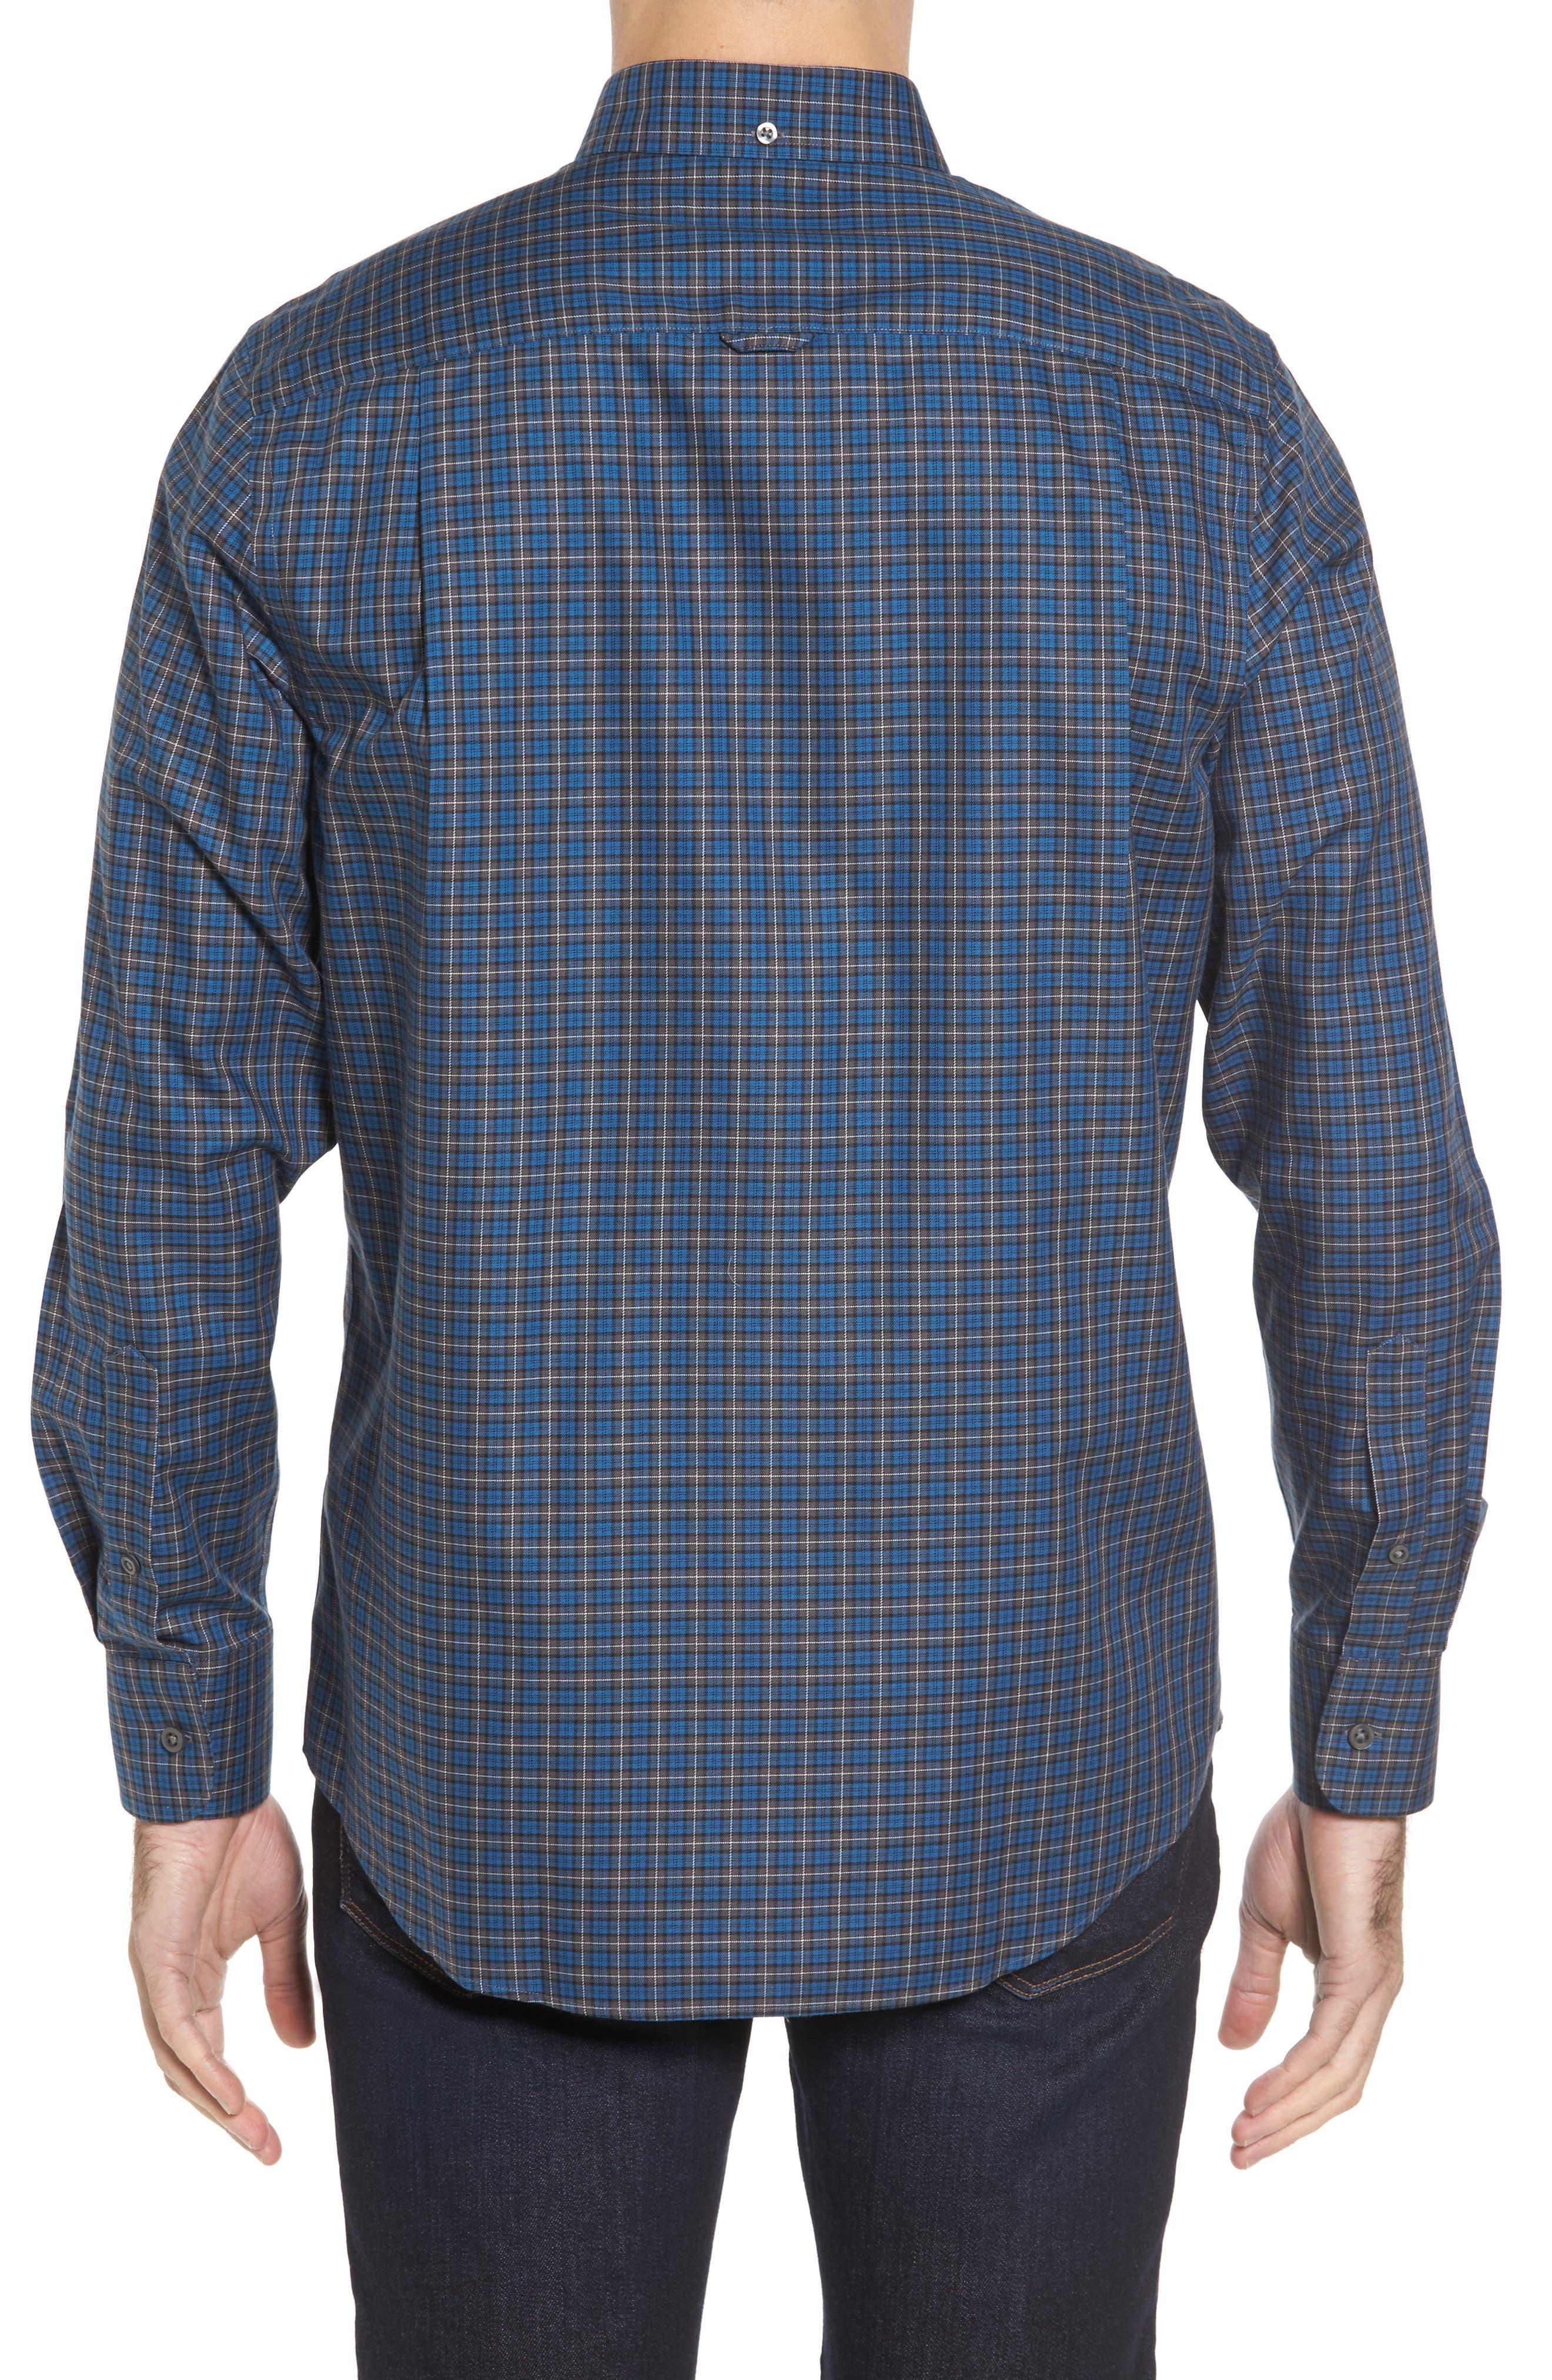 Alternate Image 2  - Nordstrom Men's Shop Smartcare™ Regular Fit Plaid Sport Shirt